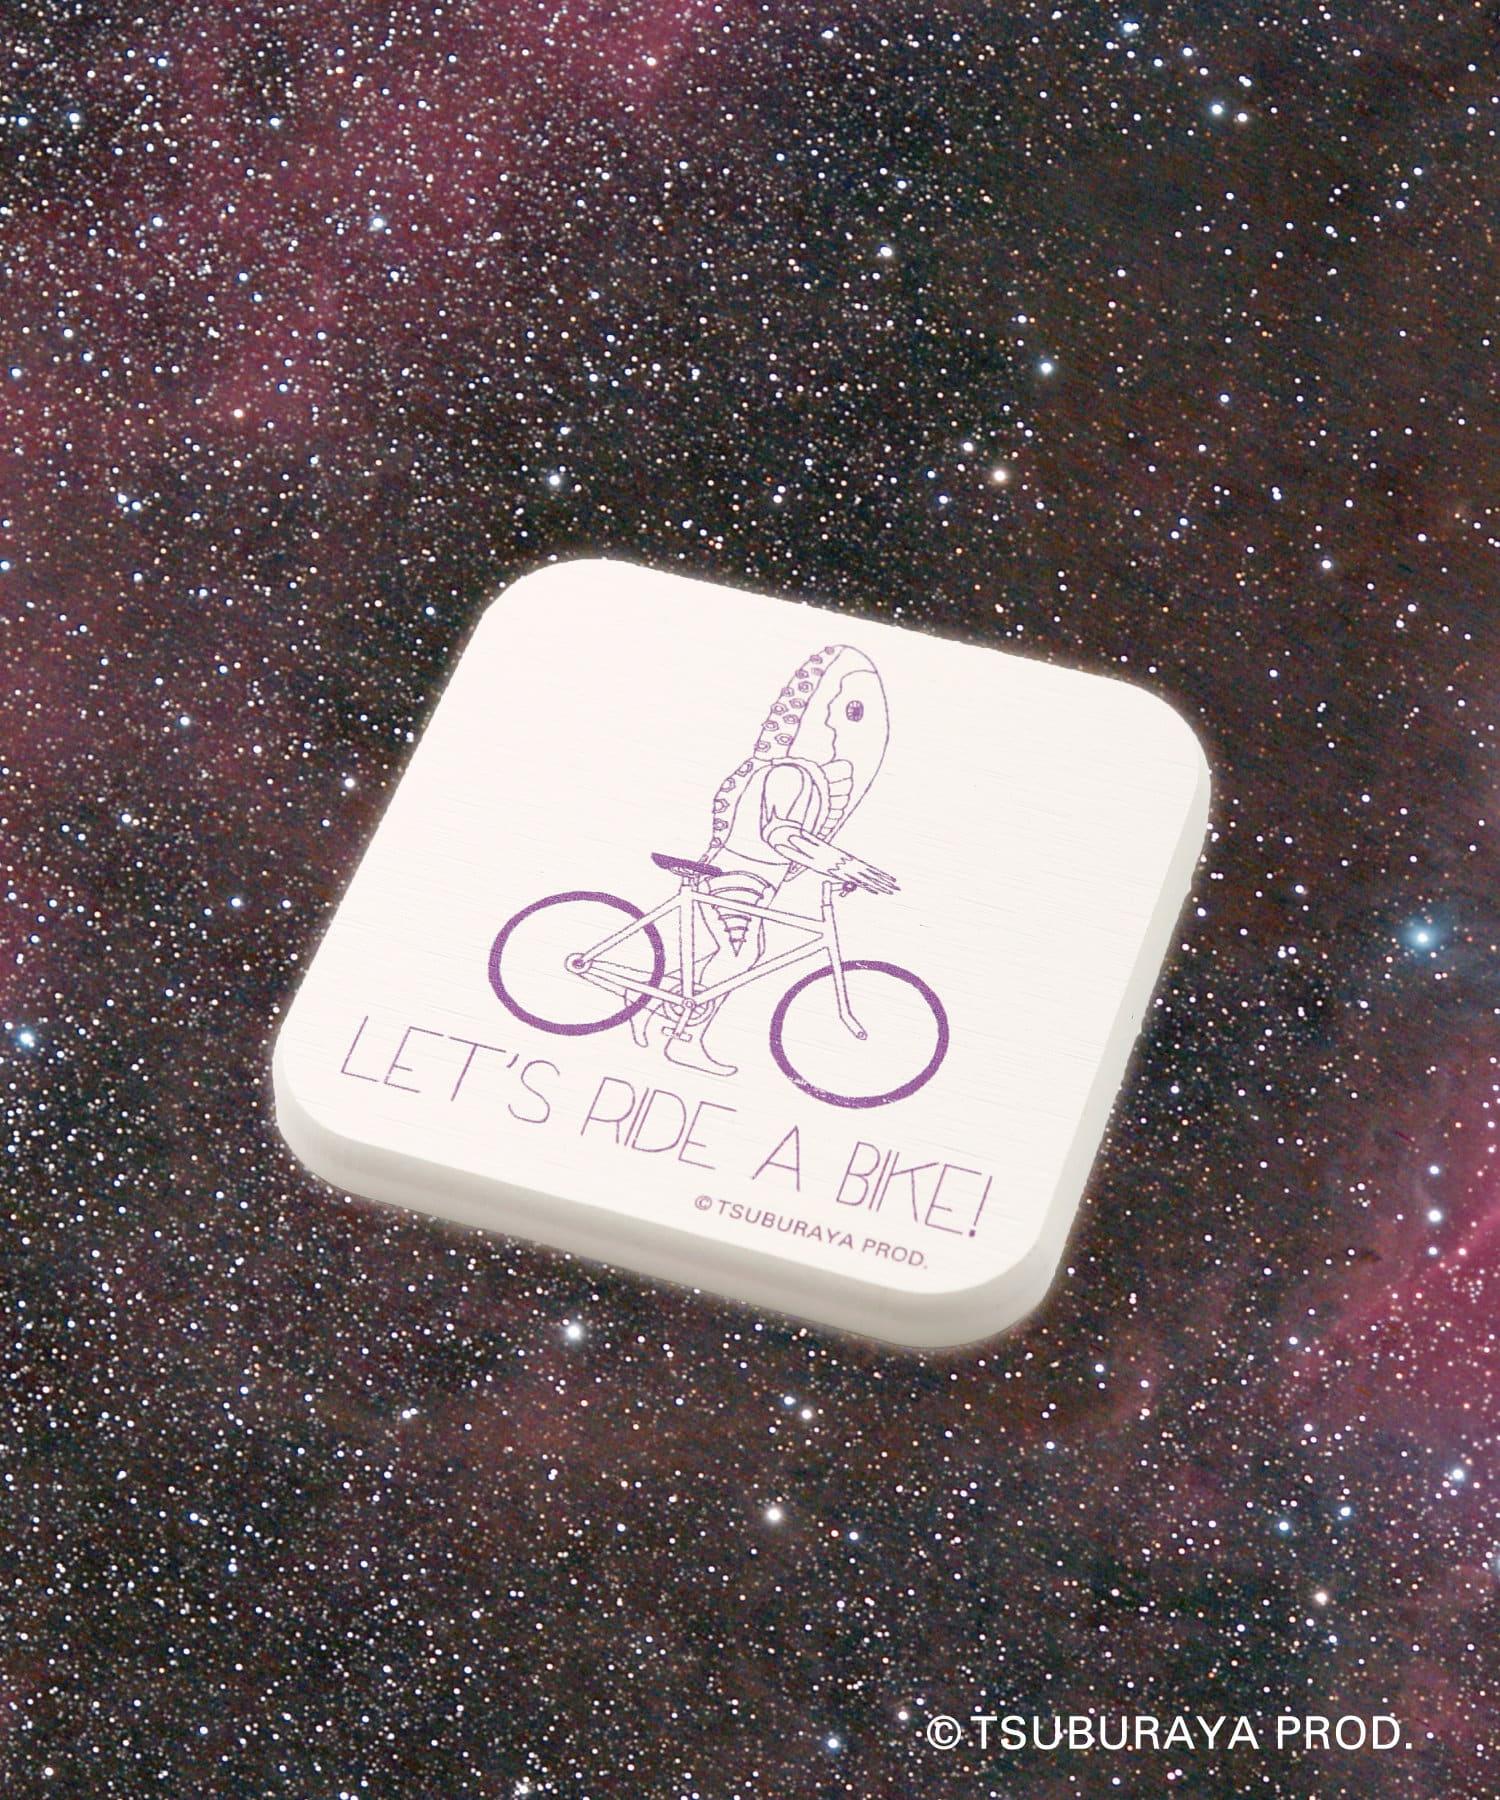 ASOKO(アソコ) ライフスタイル 【ウルトラマンシリーズ】コースター その他1